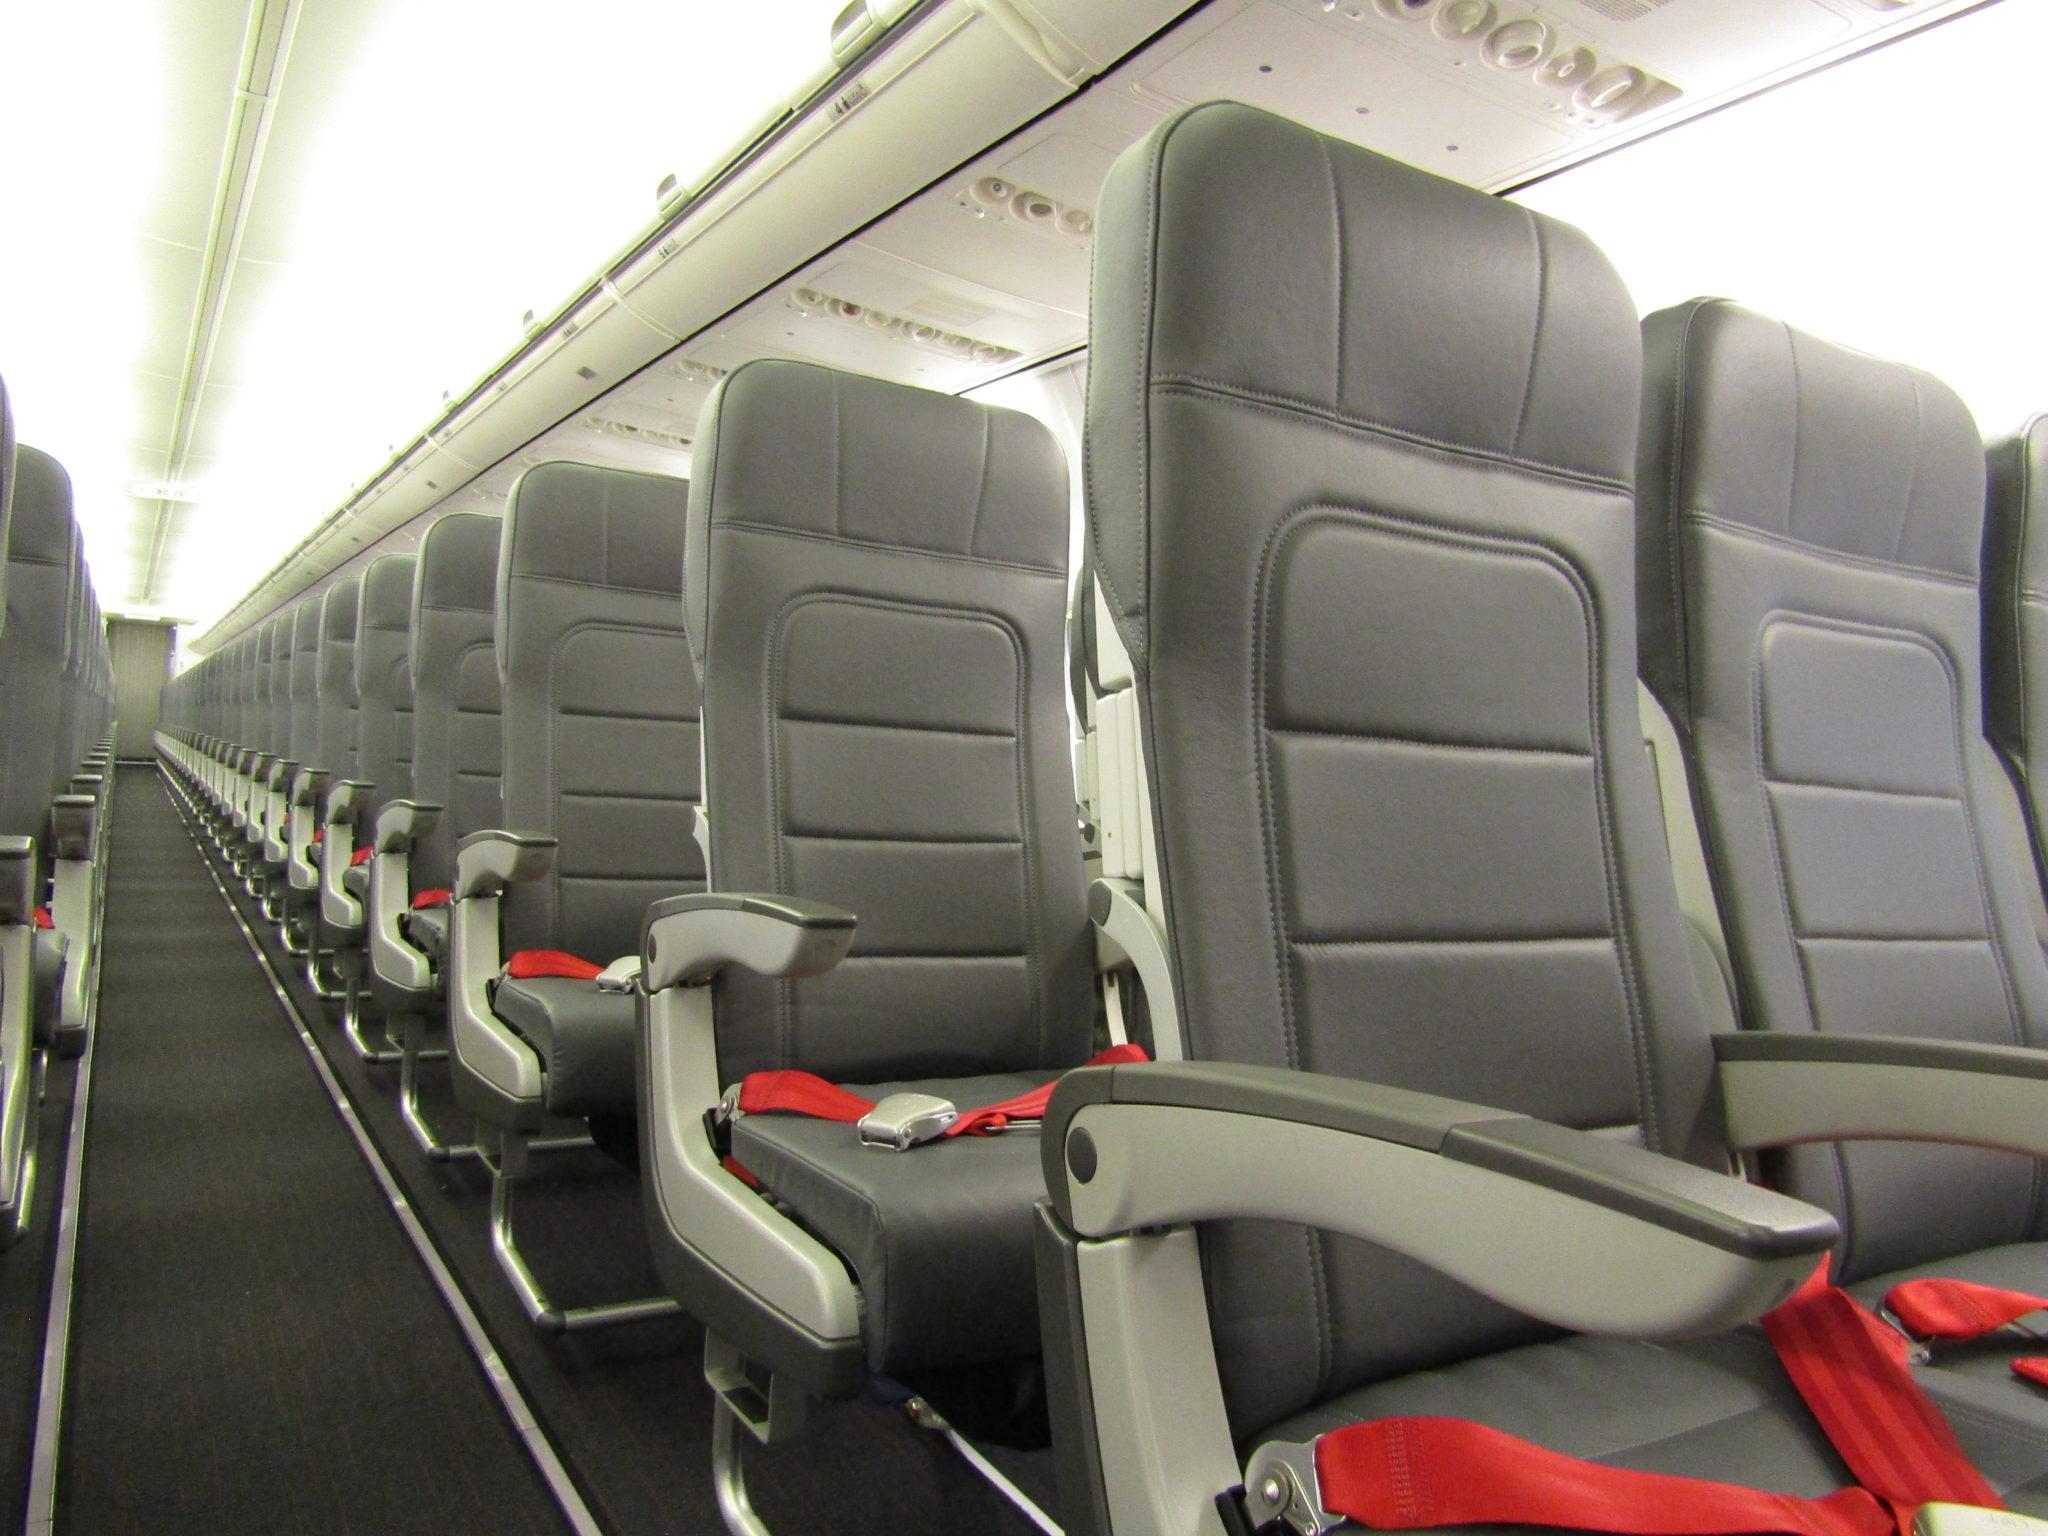 Η τουρκική εταιρεία χαμηλού κόστους AnadoluJet πετά καθίσματα ΤΠΔ